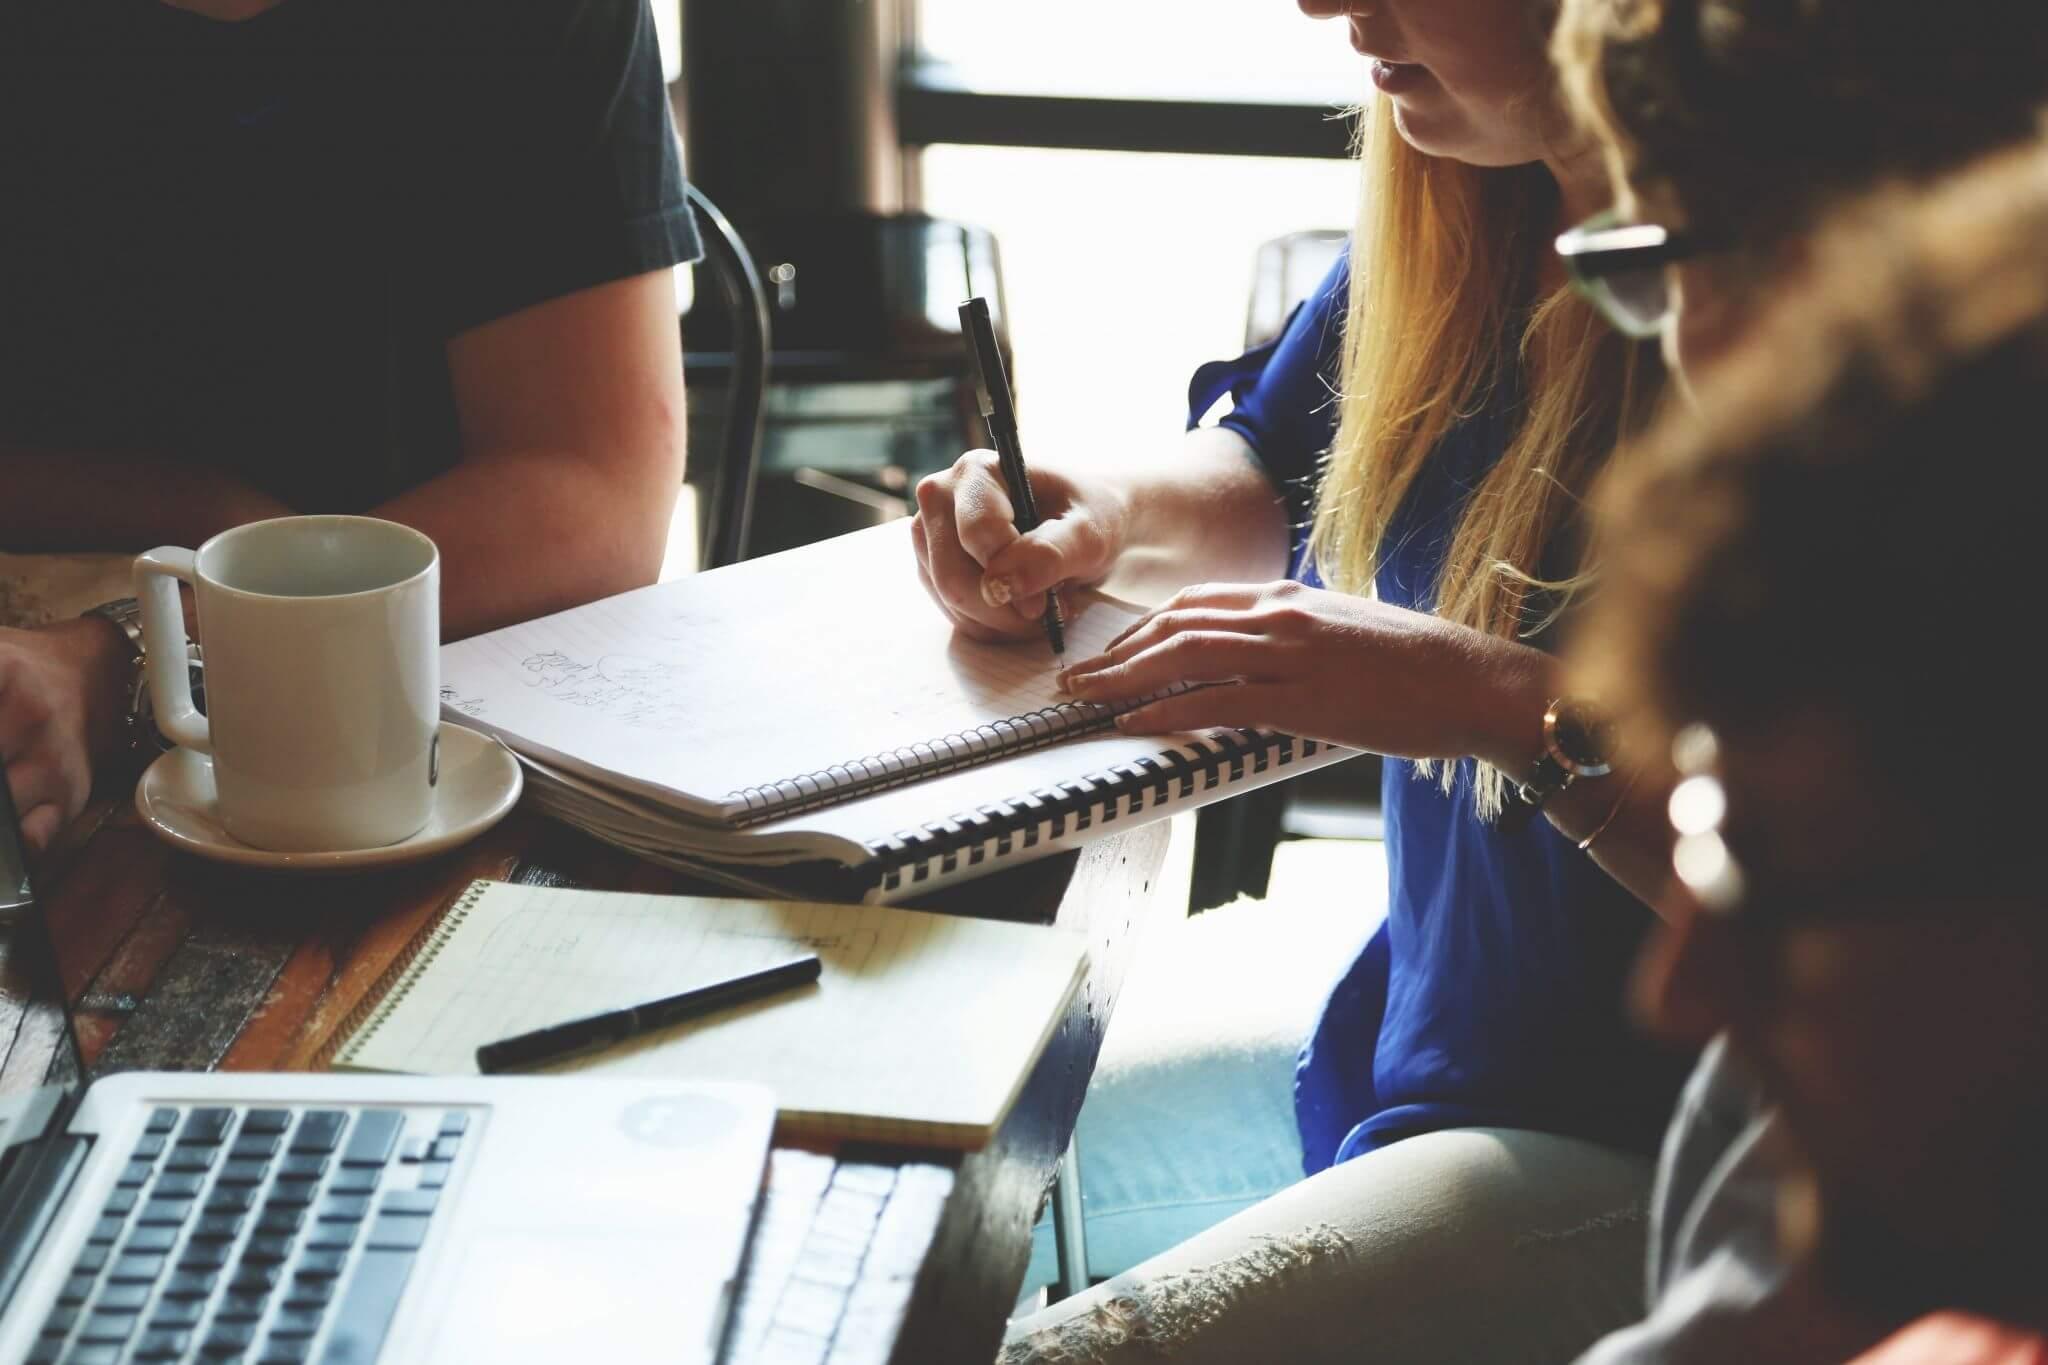 Equipo de Marketing discutiendo sobre Eventos y Promociones en la oficina